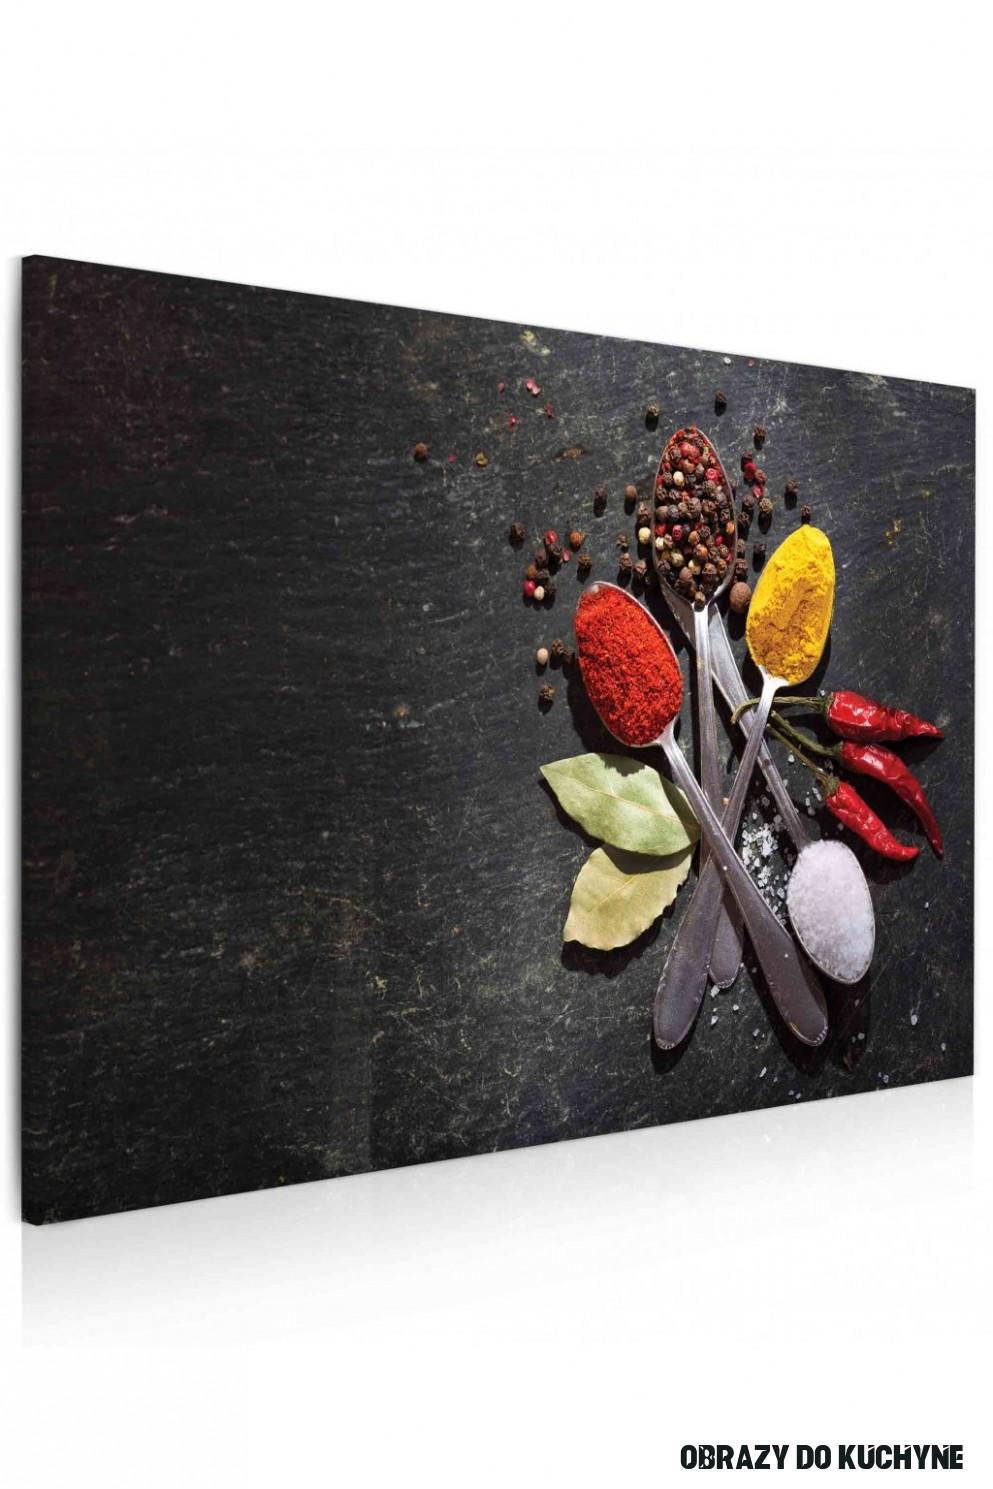 Obraz do kuchyně- vůně koření